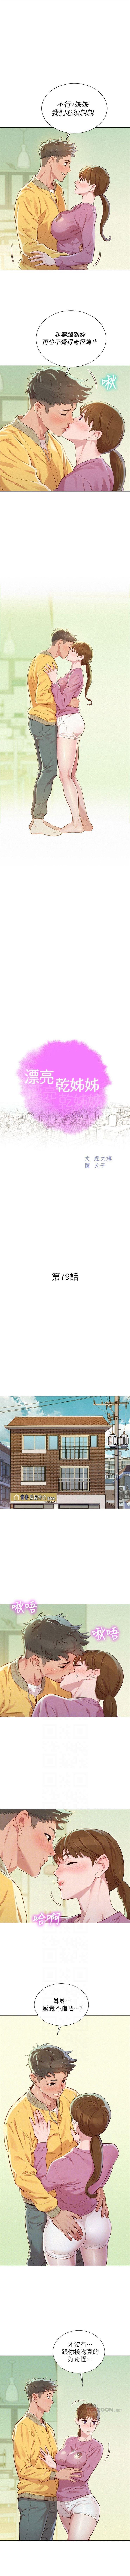 (周7)漂亮干姐姐  1-79 中文翻译 (更新中) 443